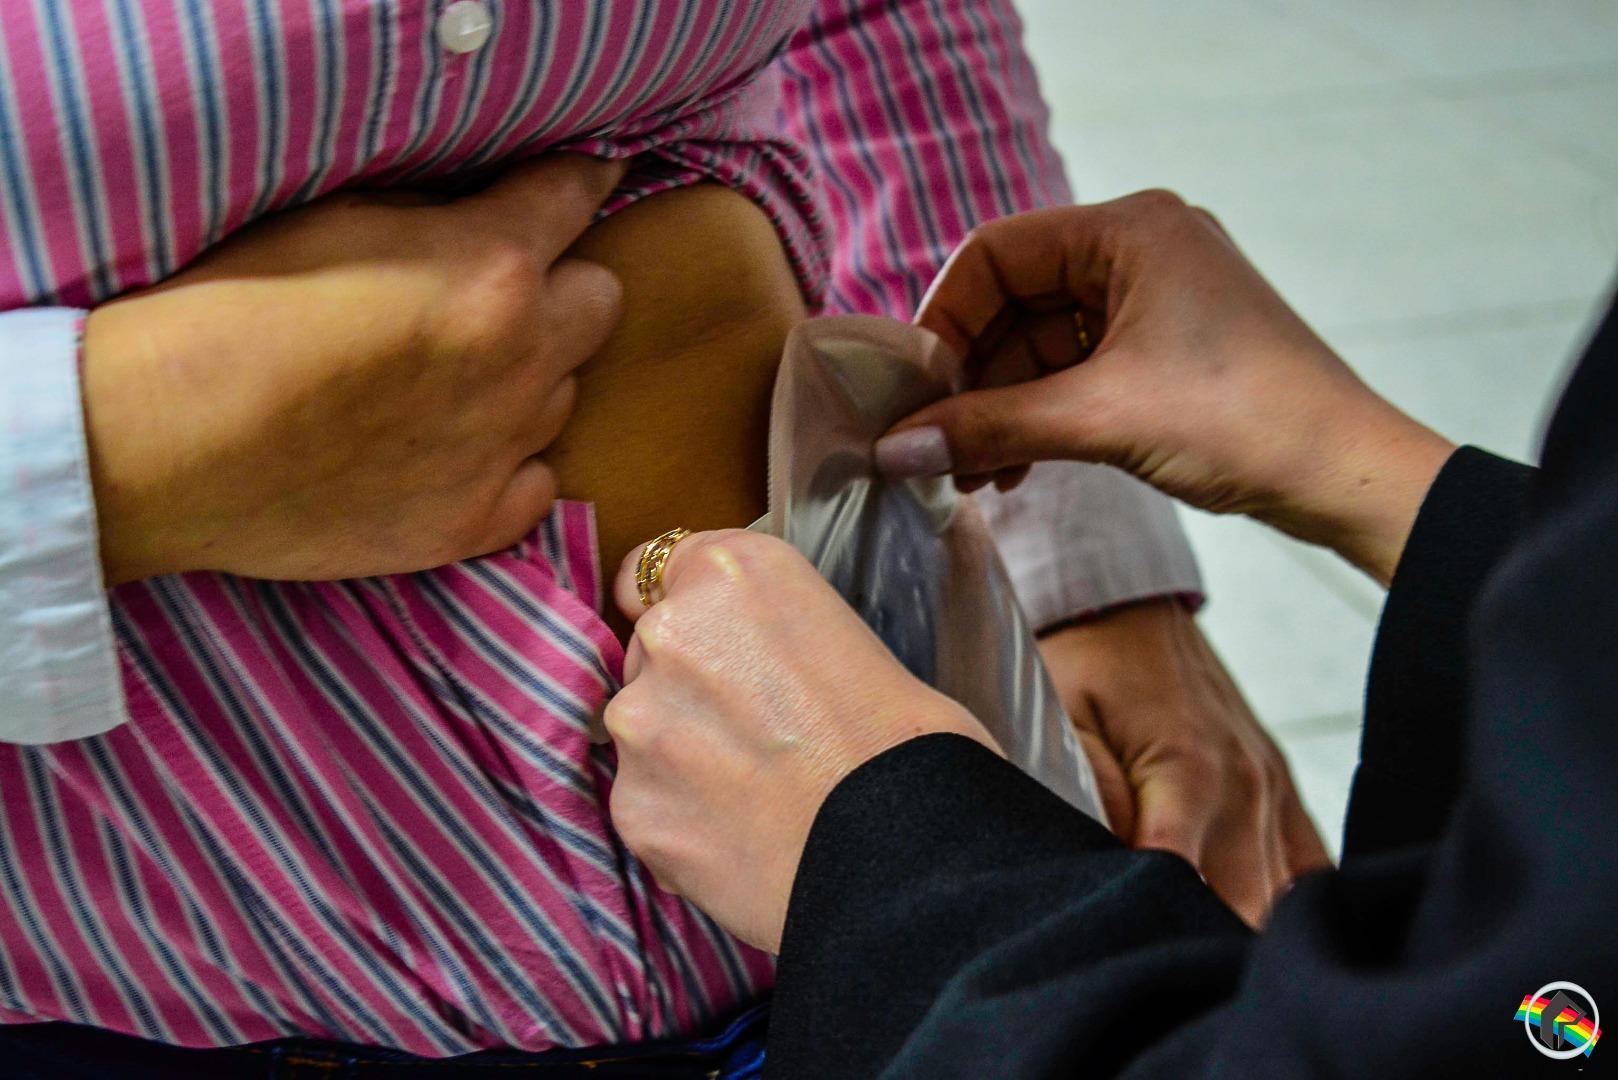 Regional de Saúde realiza capacitação sobre atendimento a pacientes ostomizados